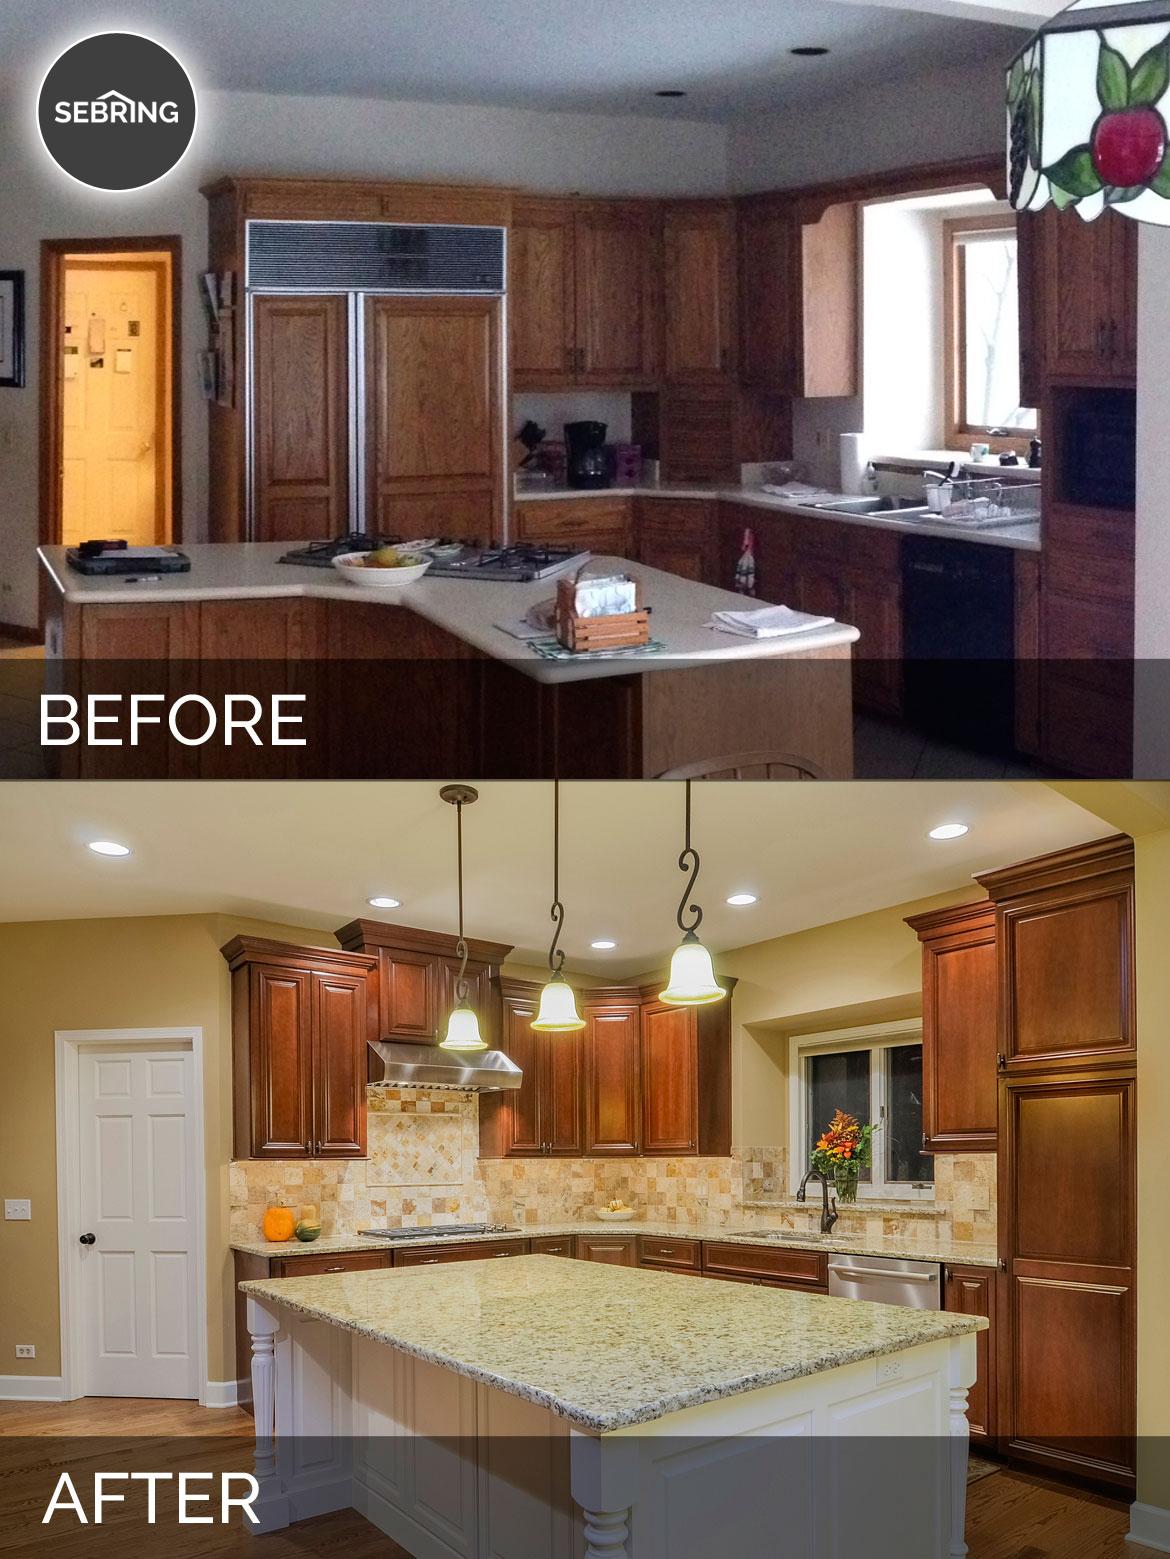 Bernard karan 39 s kitchen before after pictures home remodeling contractors sebring design Kitchen design and remodeling aurora